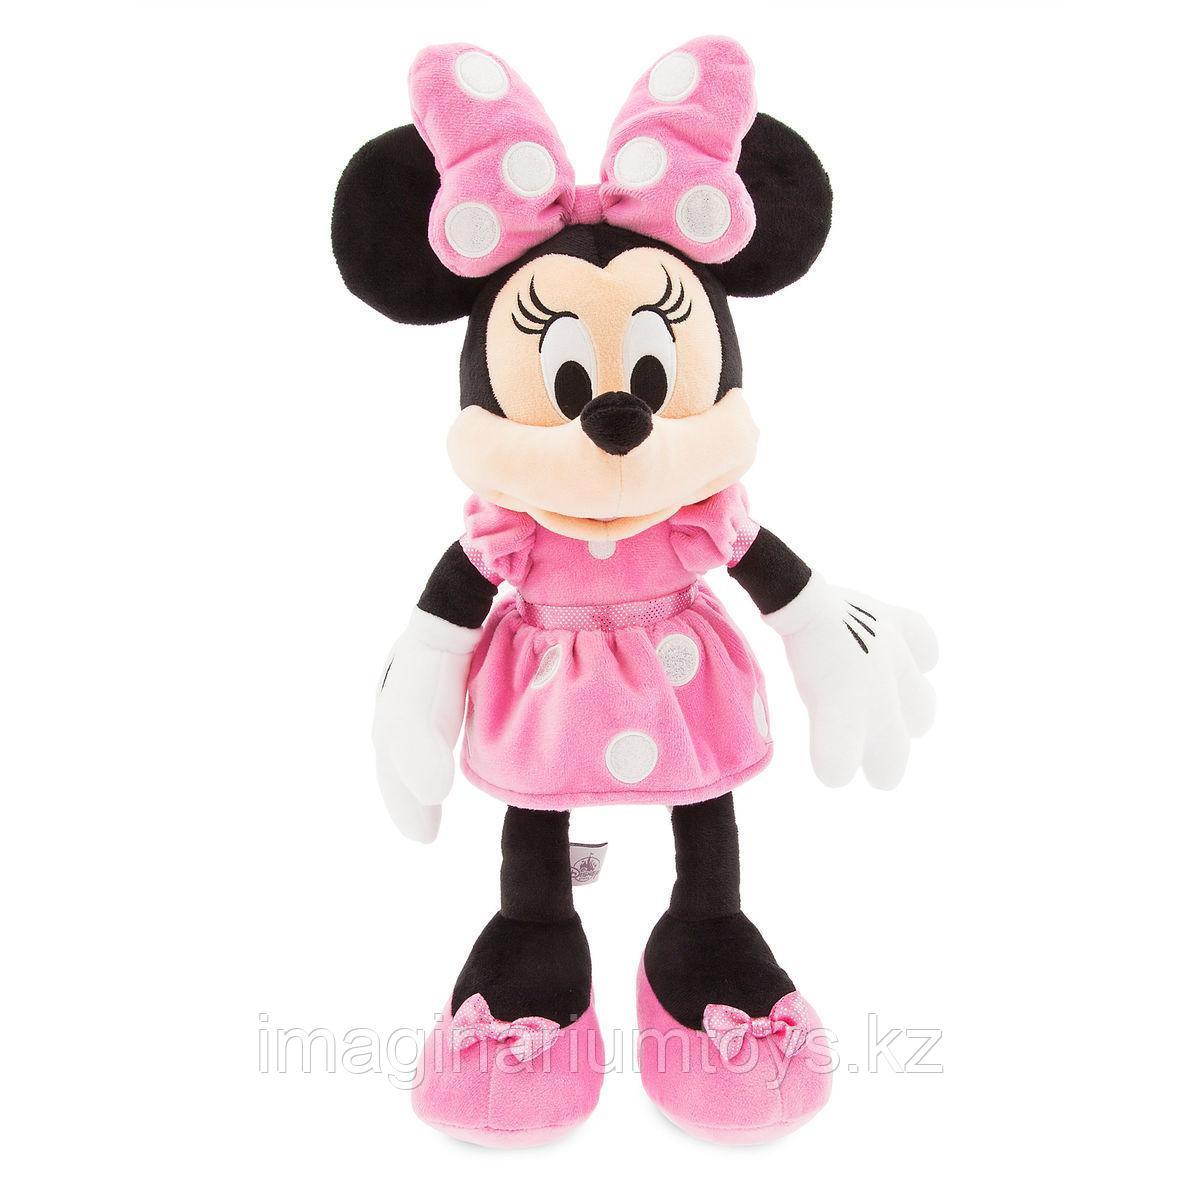 Плюшевая Минни Маус в розовом платье